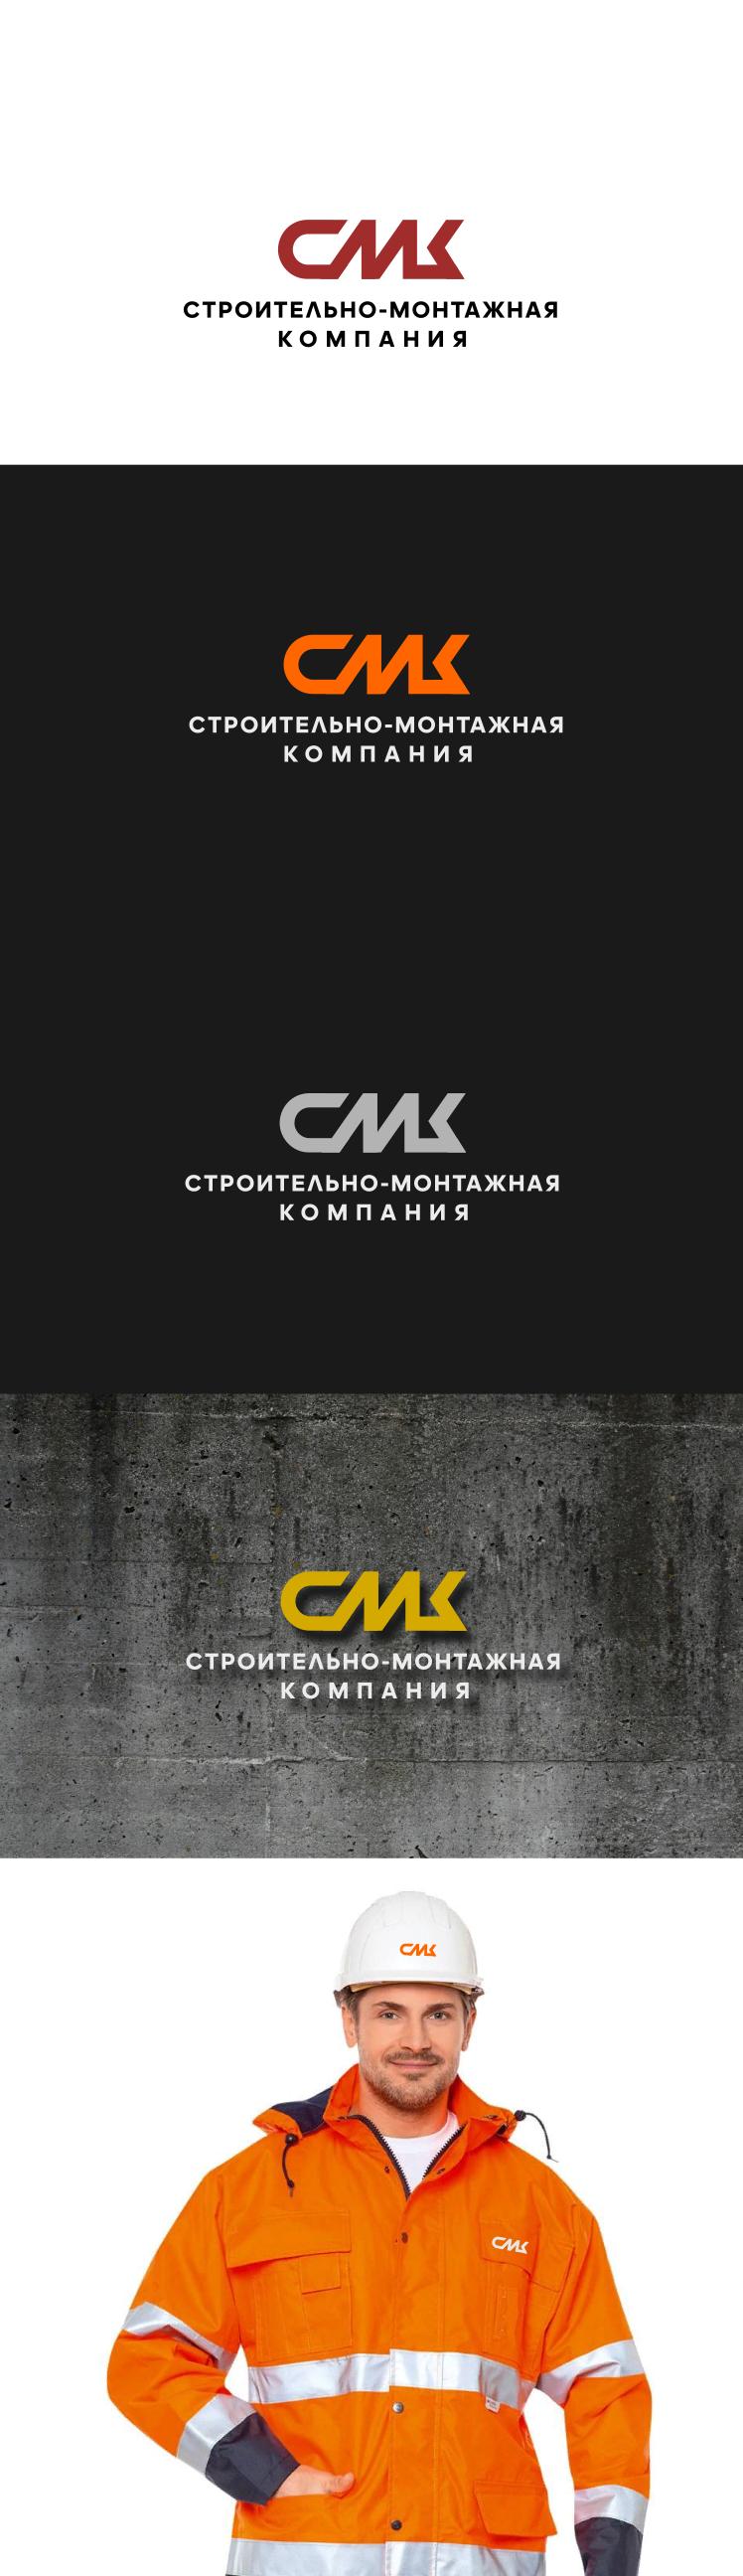 Разработка логотипа компании фото f_6815de0f81761e39.png